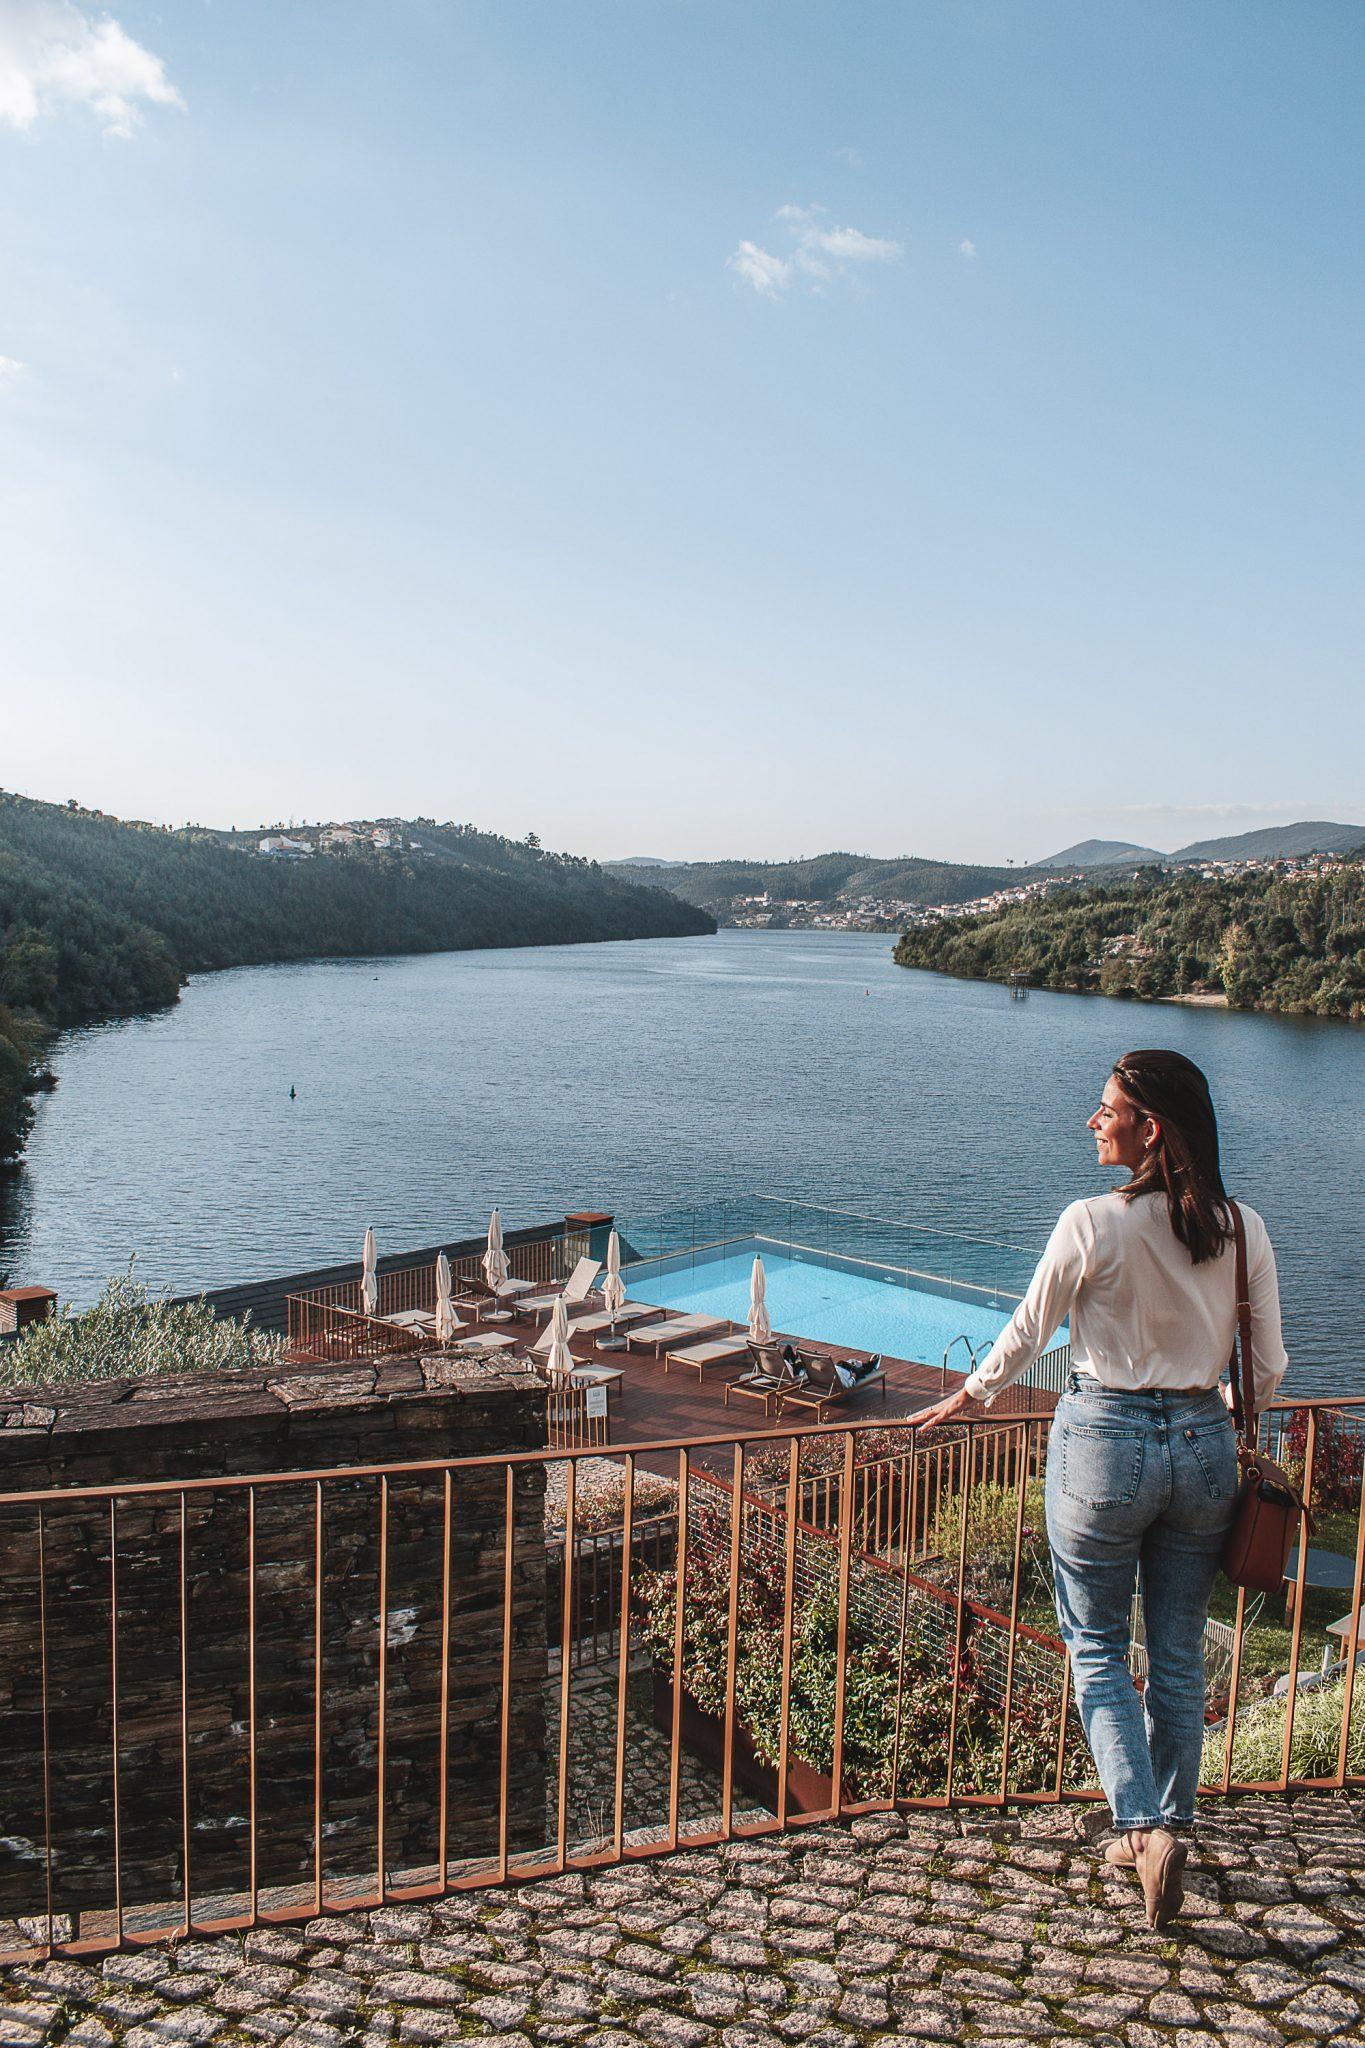 Douro41 hotel no Vale do Douro